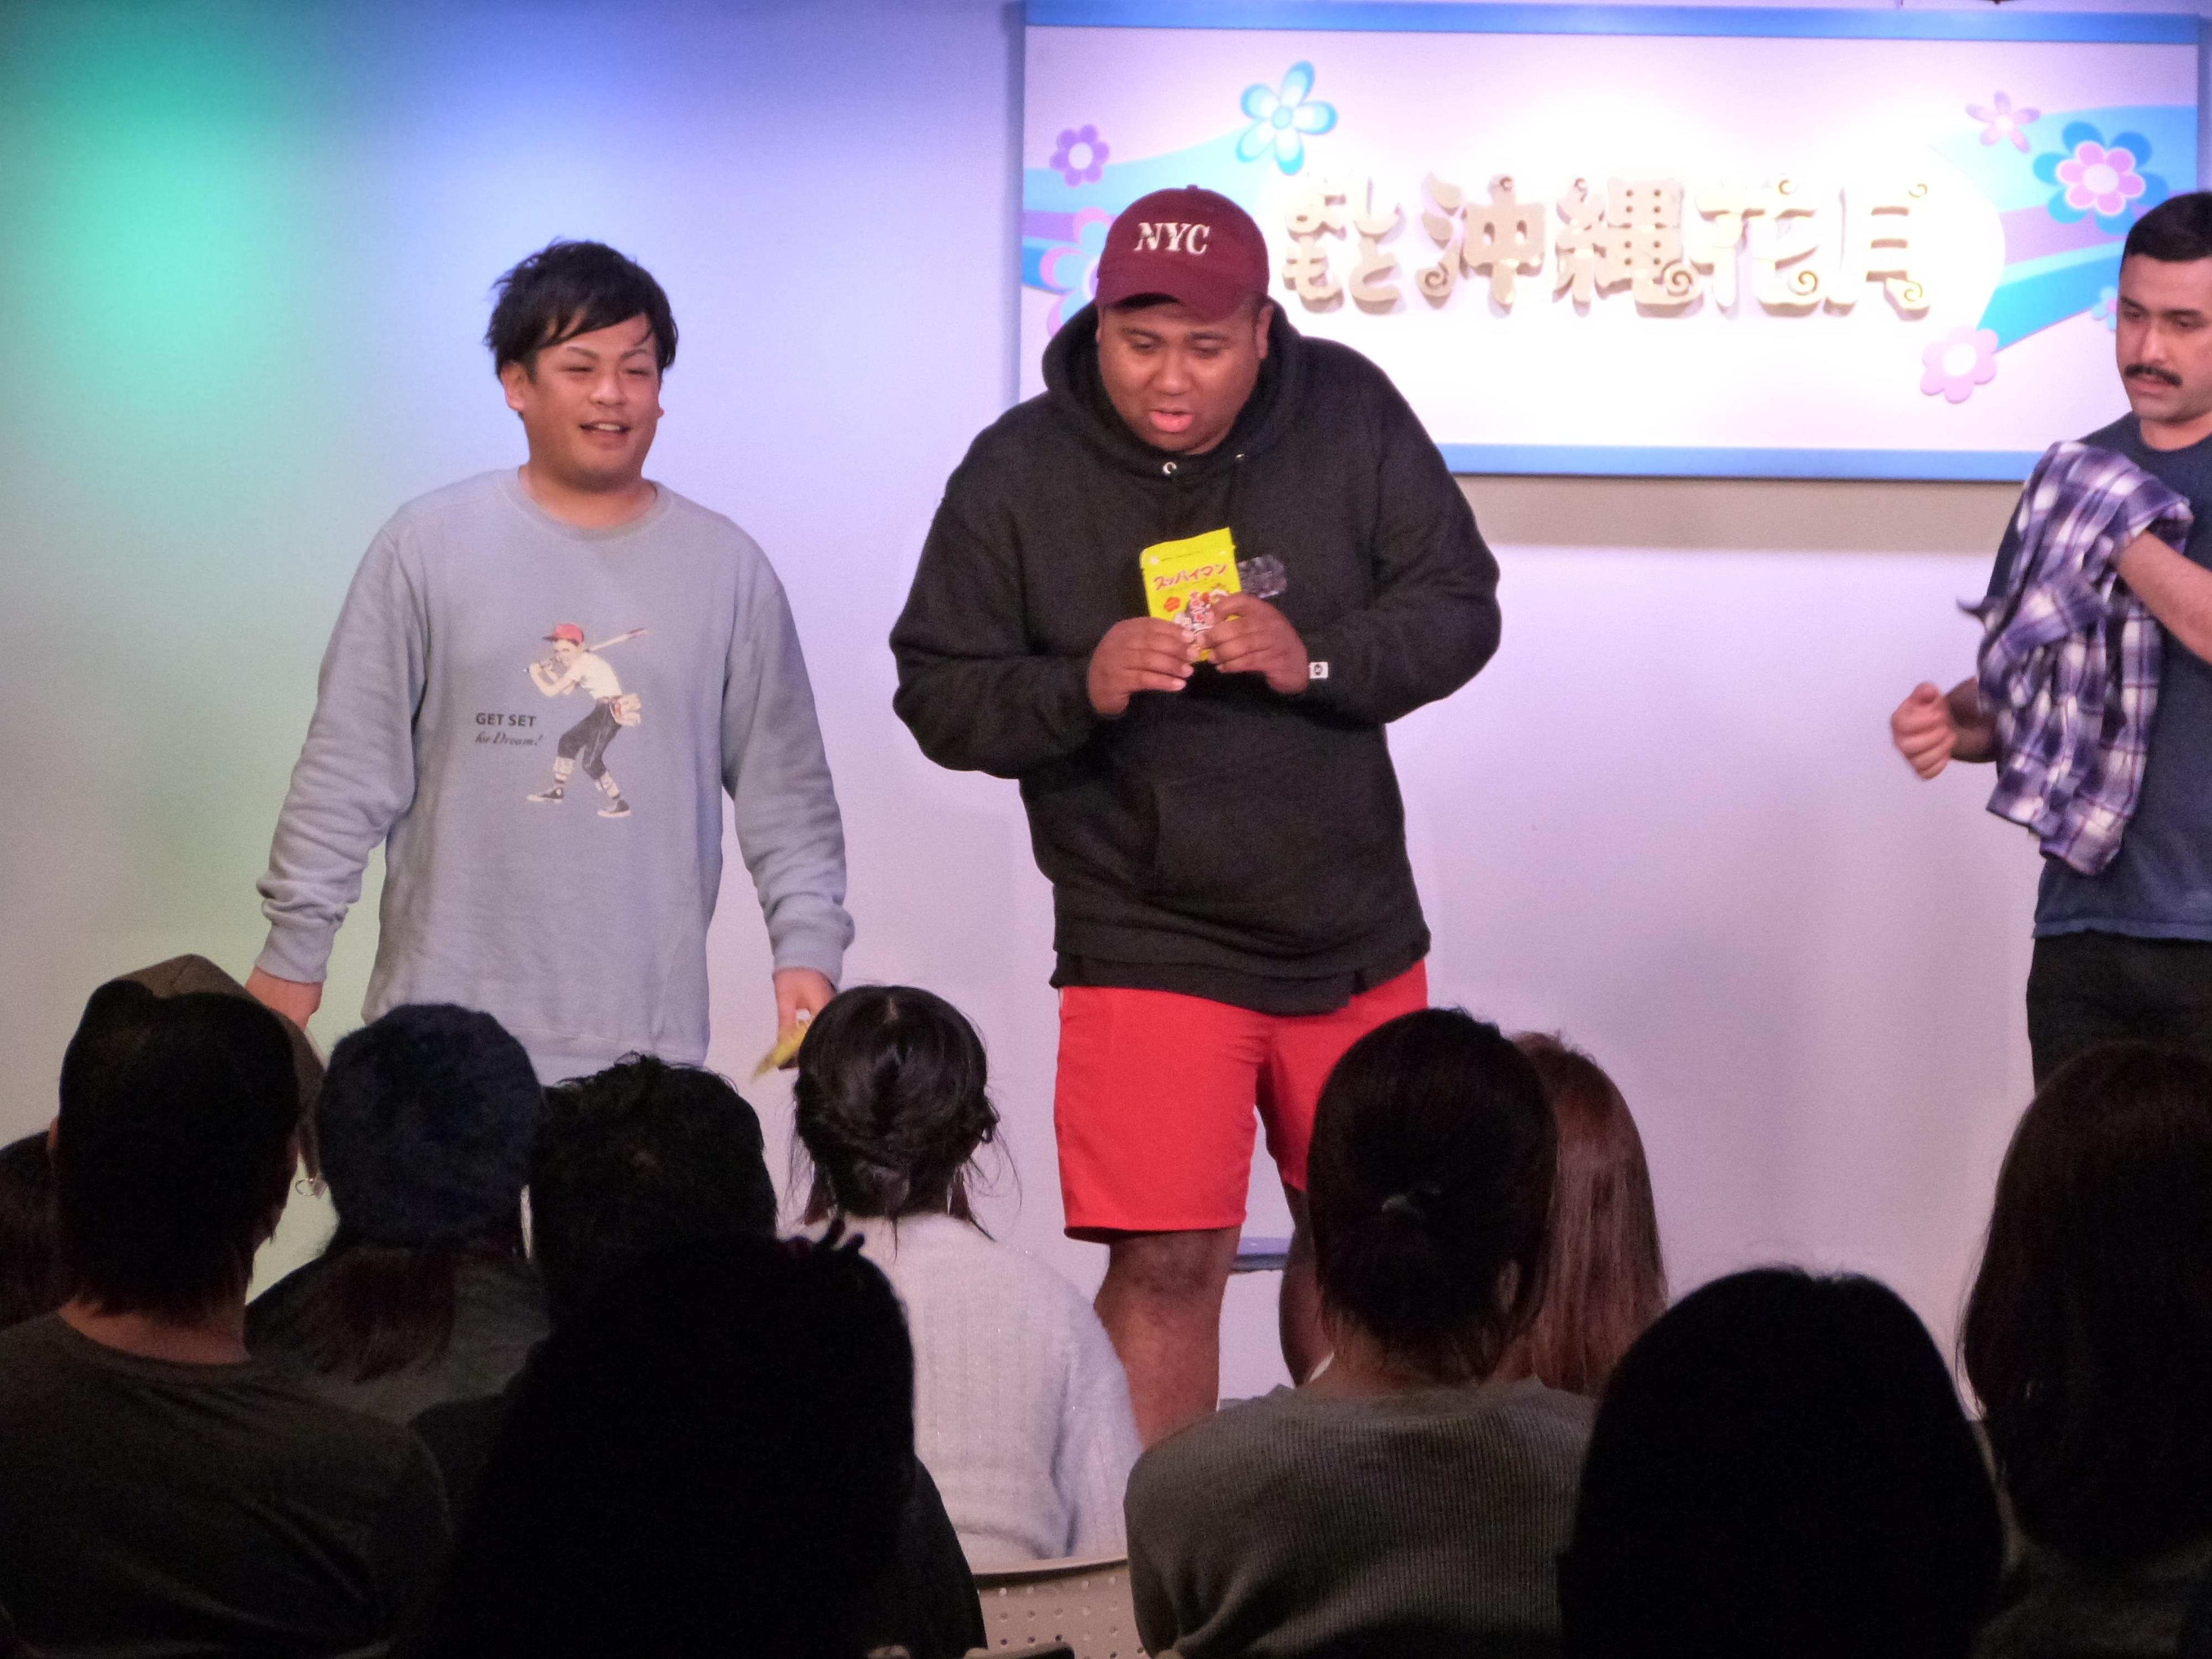 http://news.yoshimoto.co.jp/20180130195230-a34543ab5e2e57c475e940419d7b6cfcb243fc3b.jpg